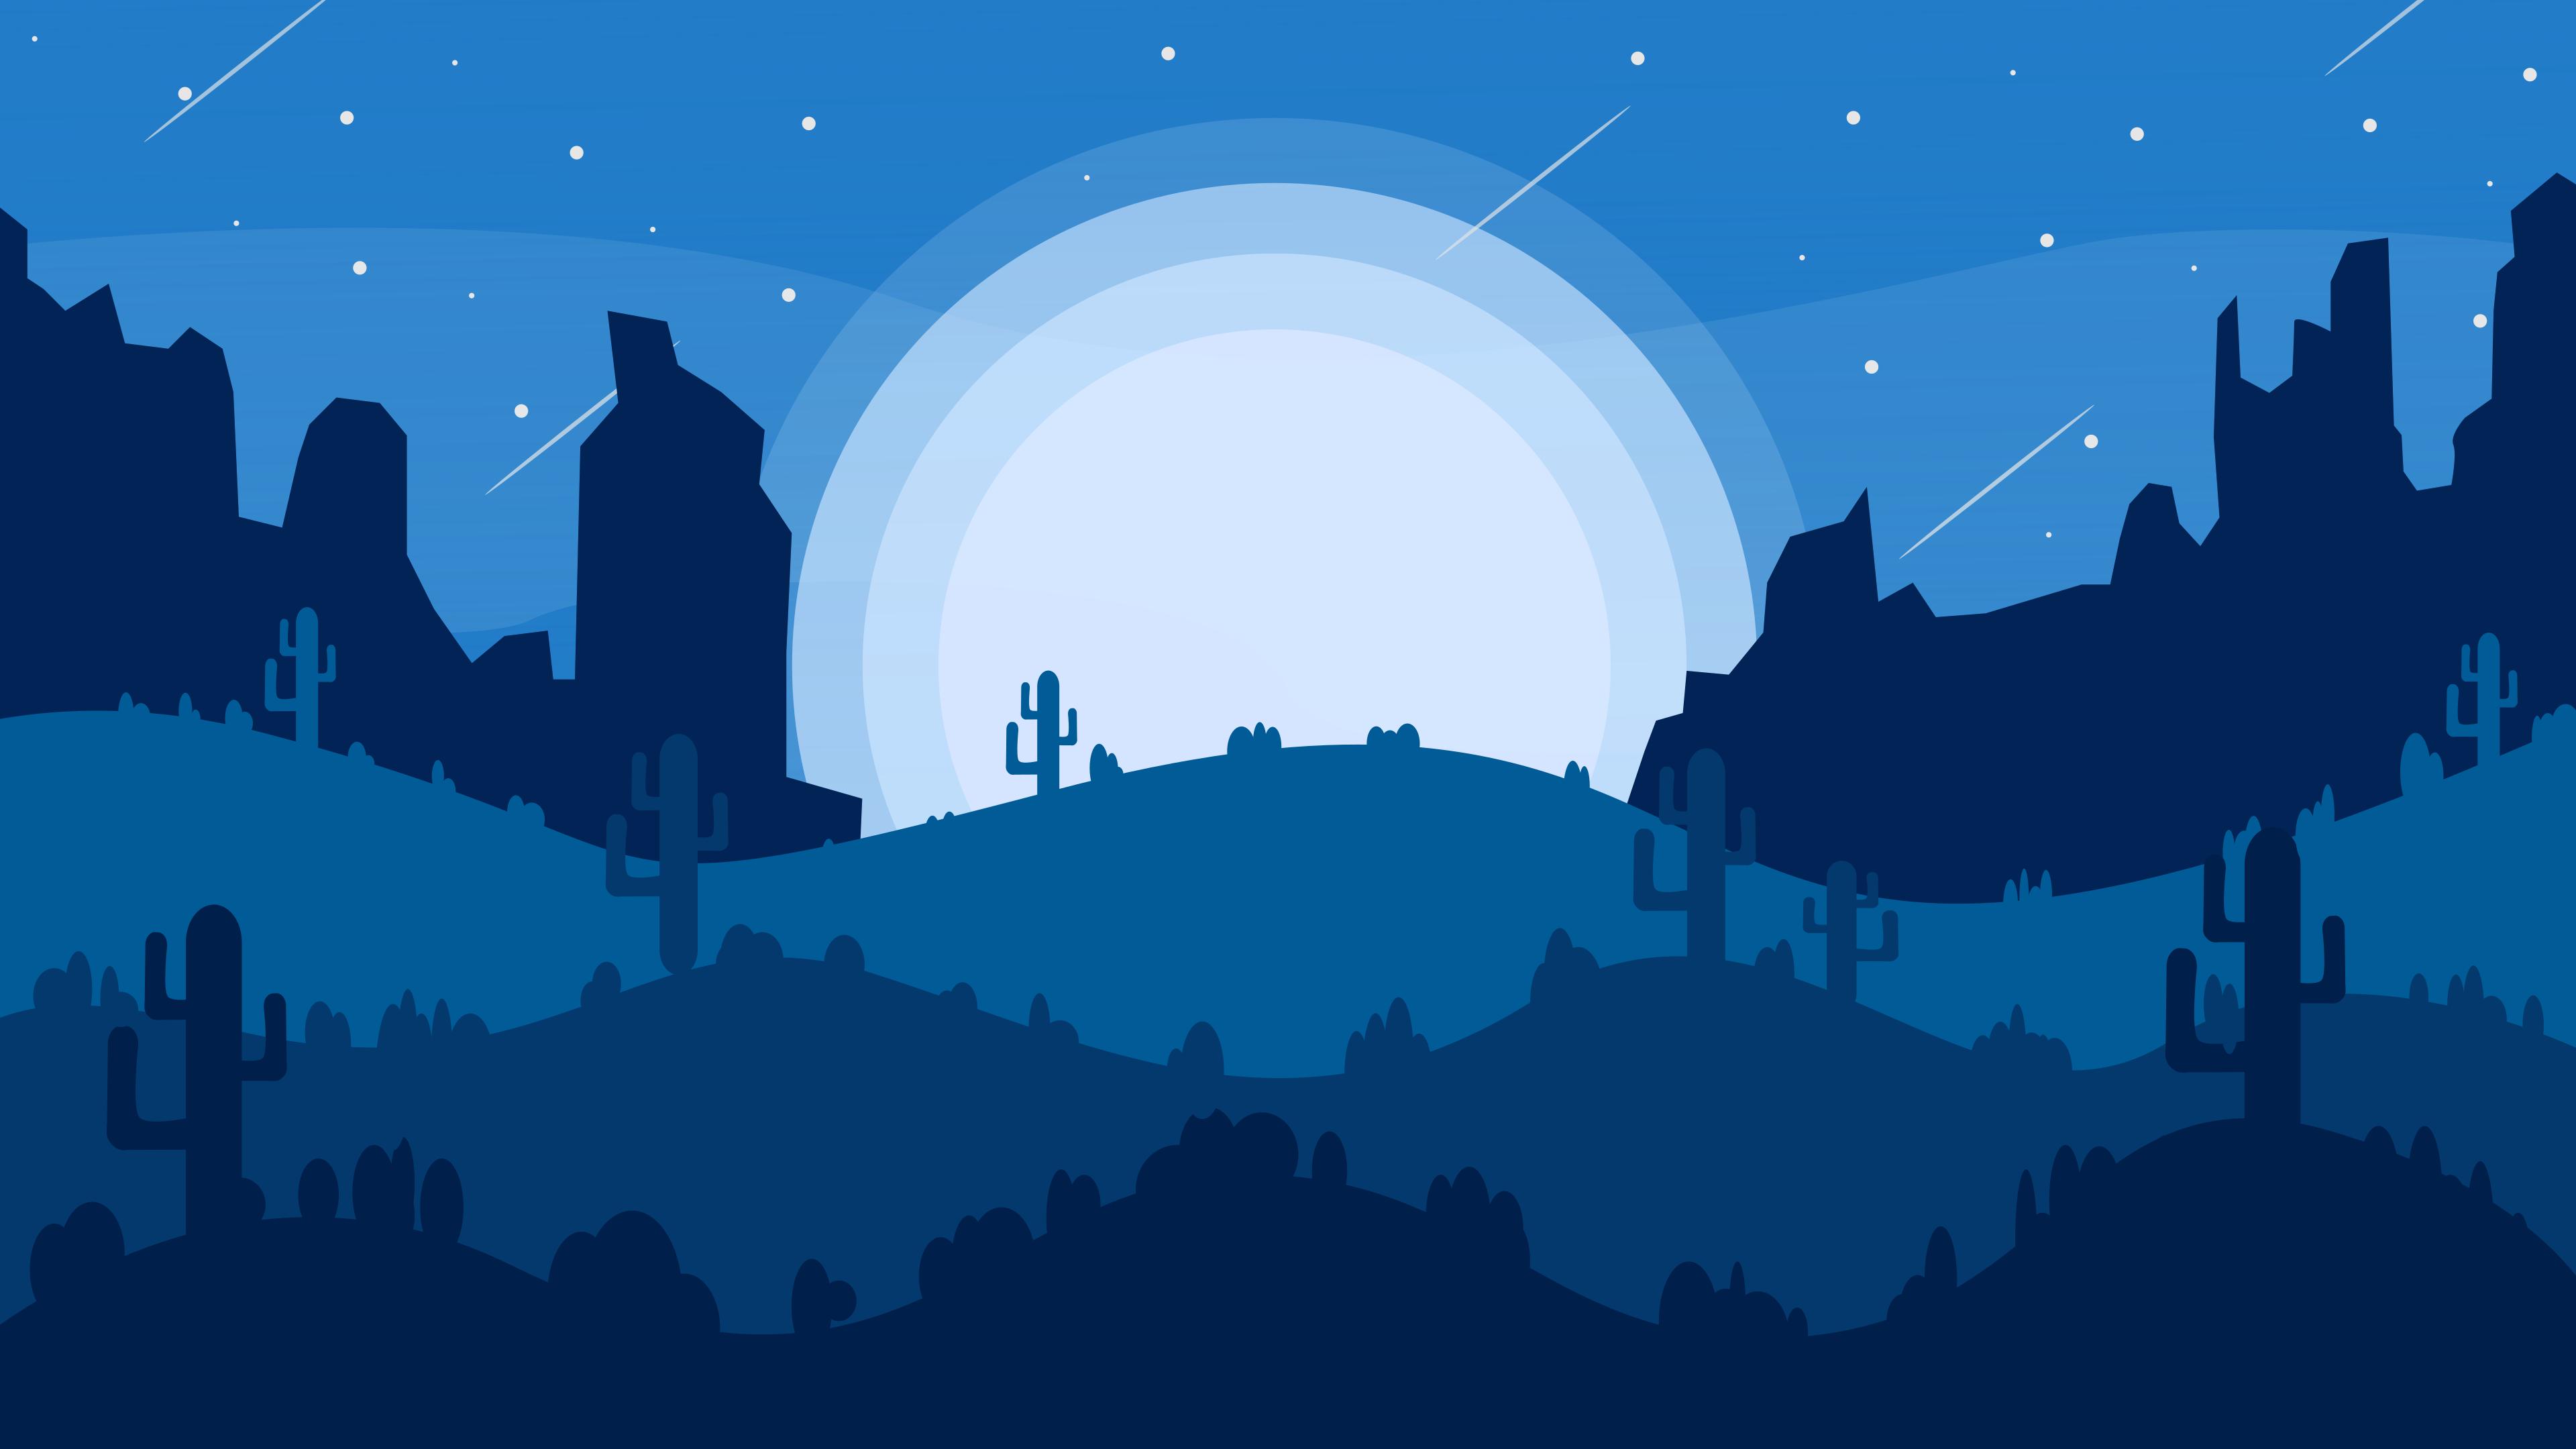 4k Nightlight Made By Me With Inkscape Cute Desktop Wallpaper Landscape Wallpaper